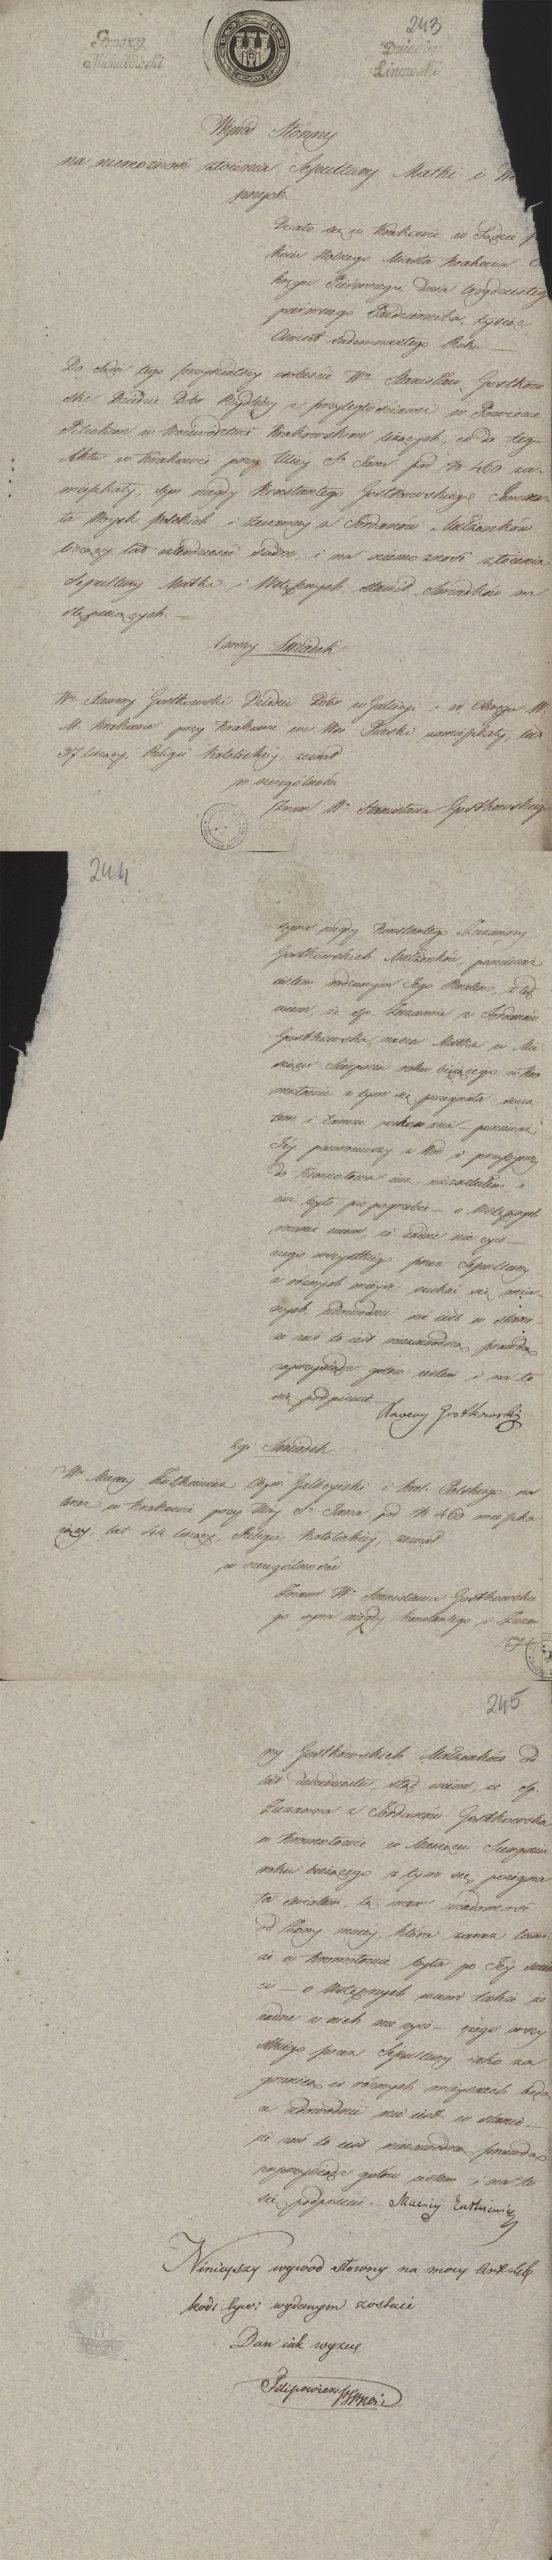 Alegaty do małżeństwa Stanisław Gostkowski & Martyna Apolonia Cieński (03.11.1817 r.) (2)